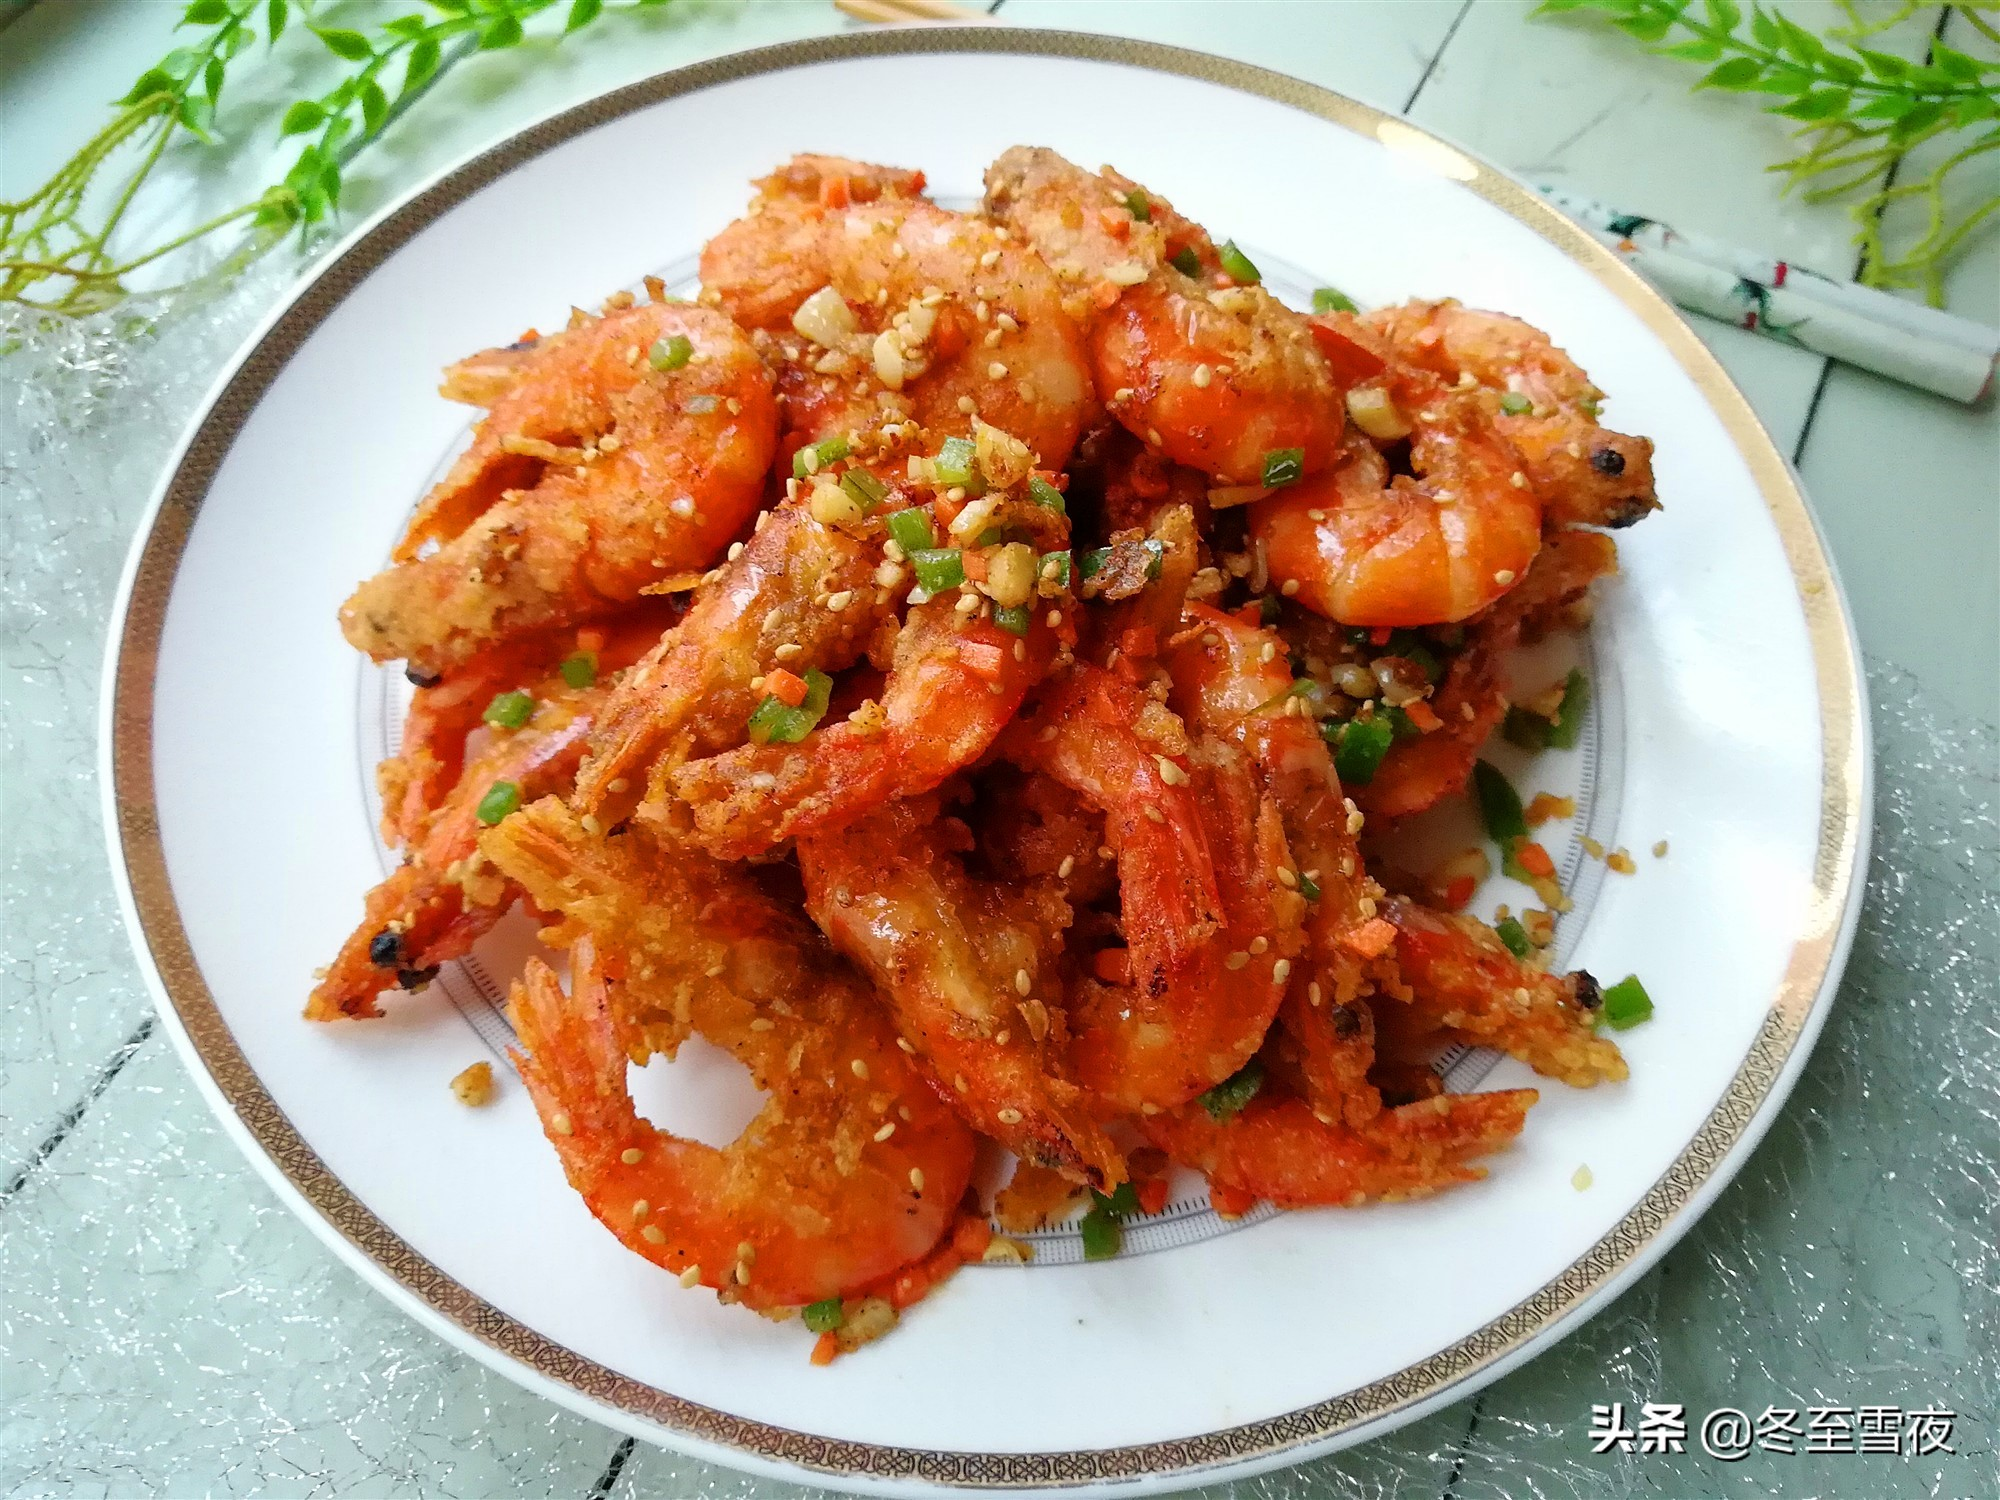 吃膩了水煮大蝦,教你12道大蝦的做法,中秋節招待客人有面子